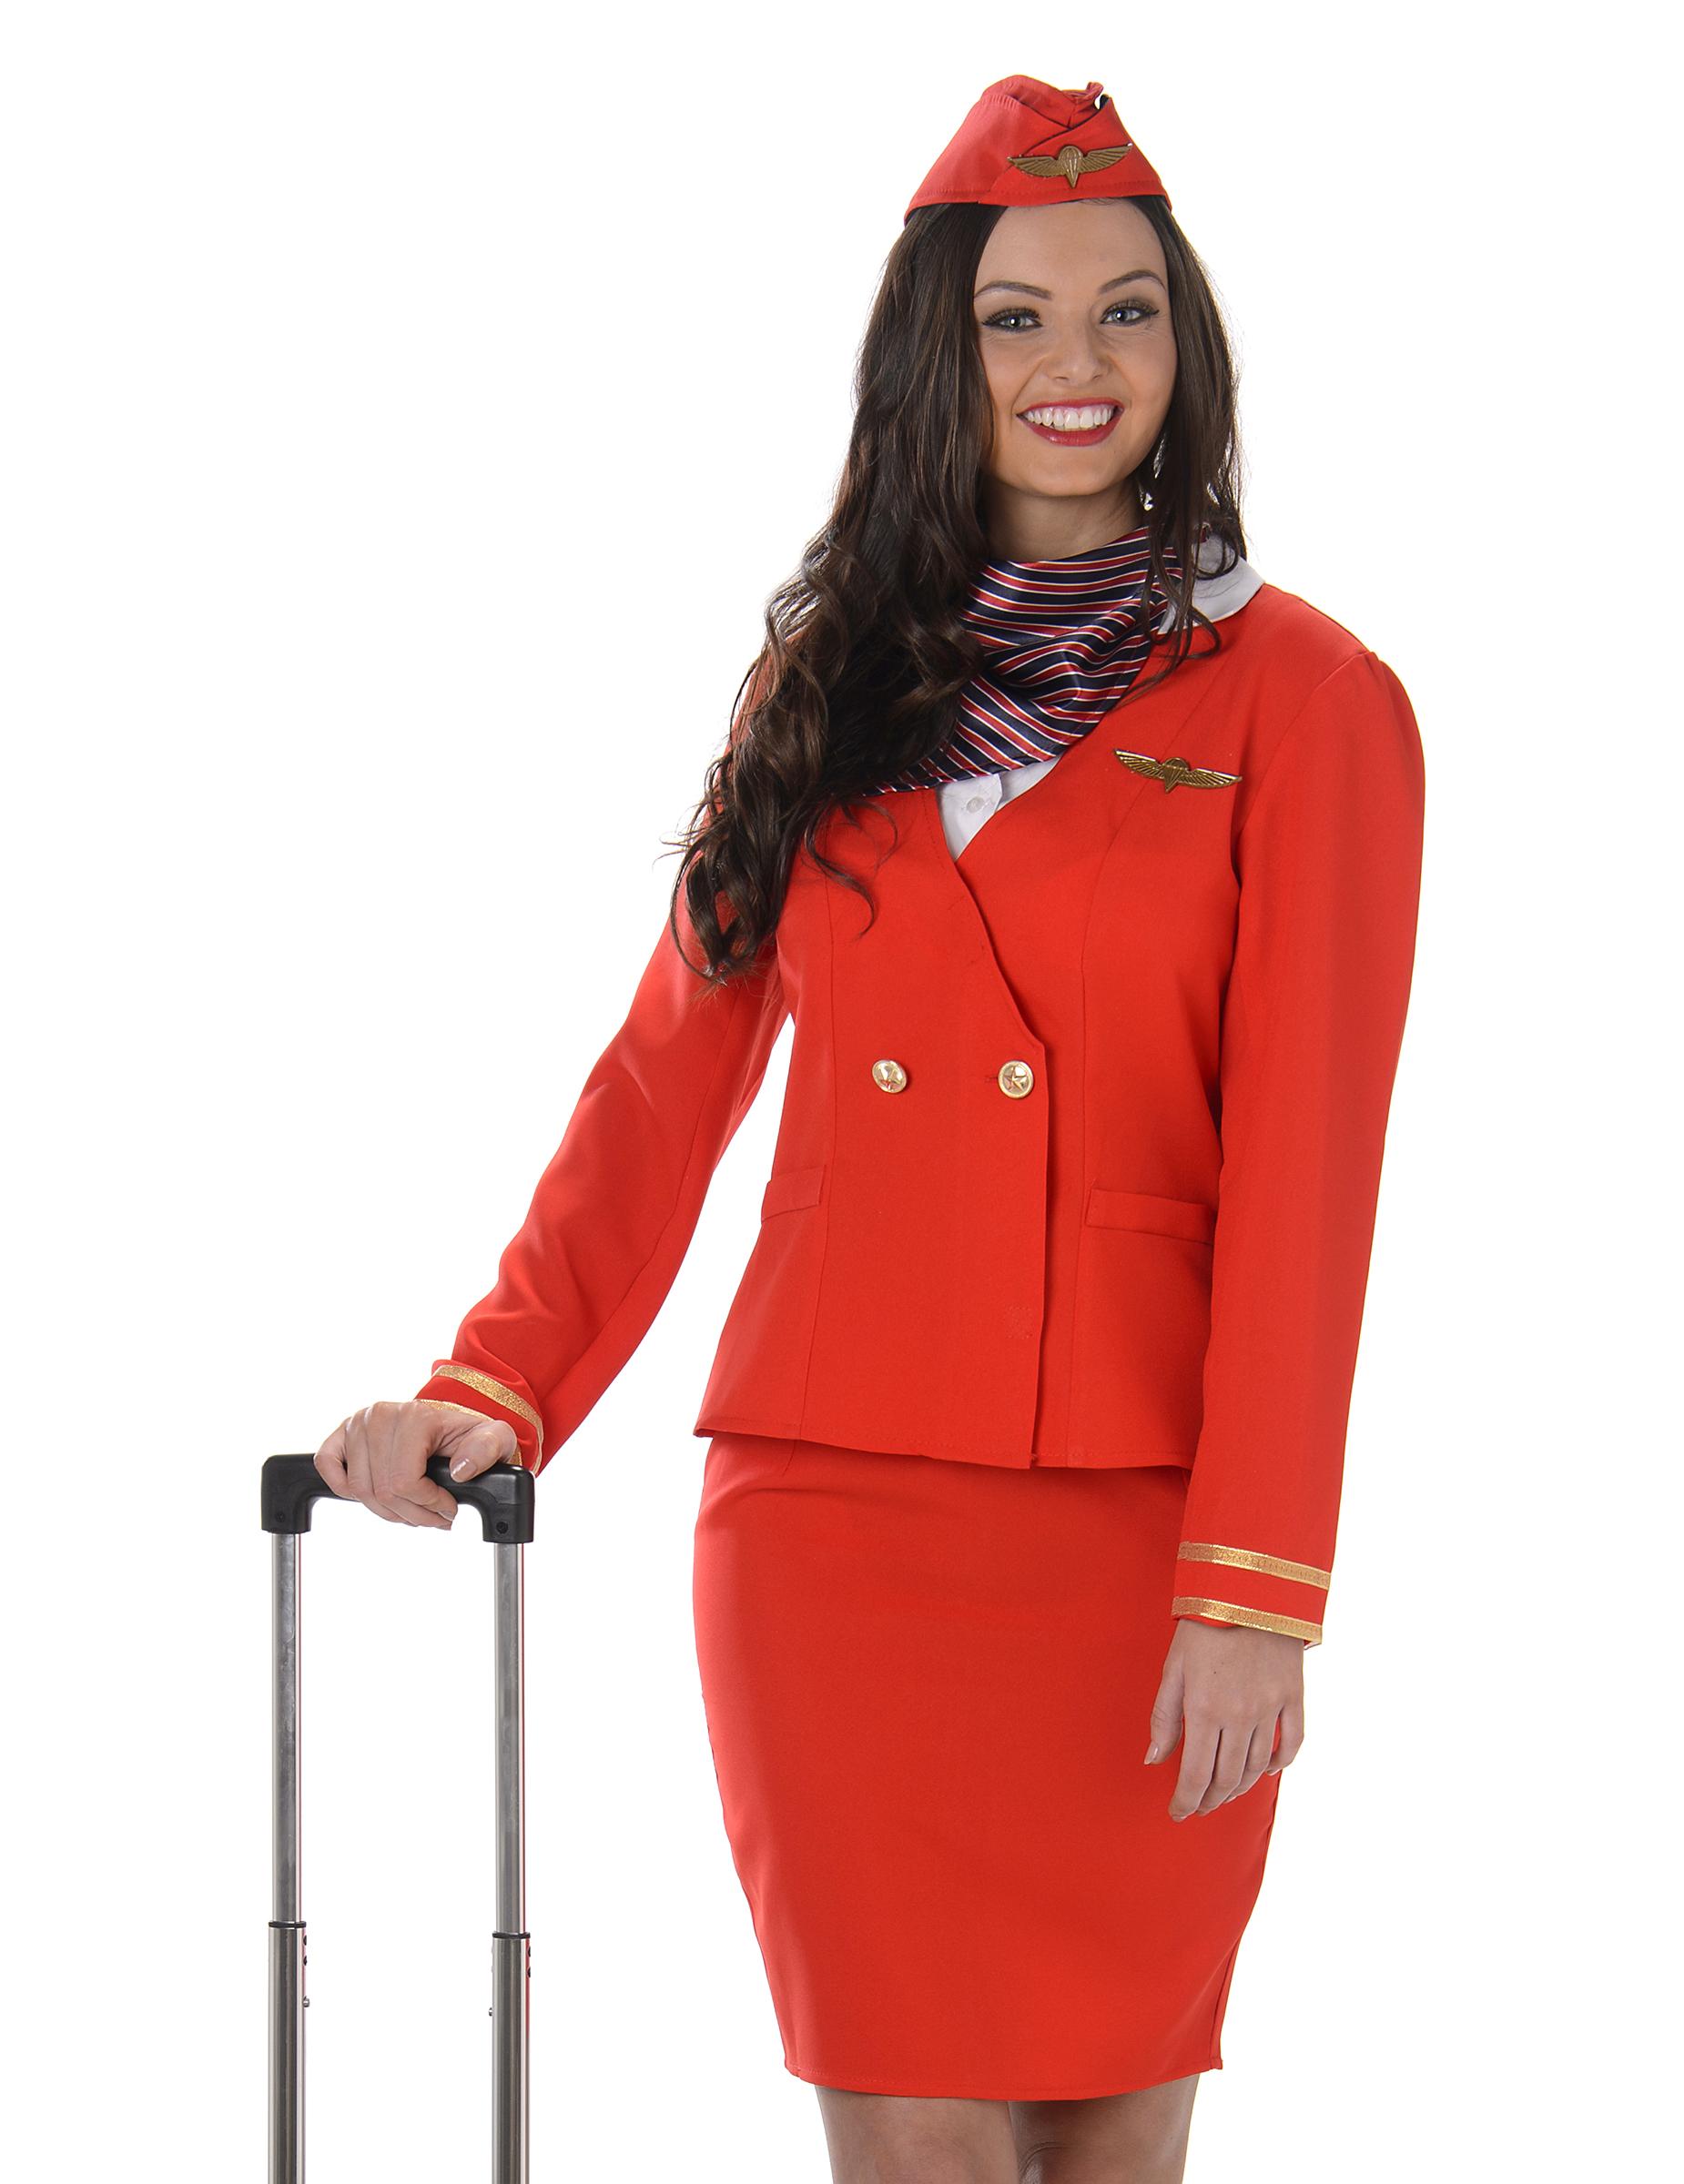 Disfraces Disfraz azafata adultos rojo de vuelo mujer disfraces y d4Xqr4w